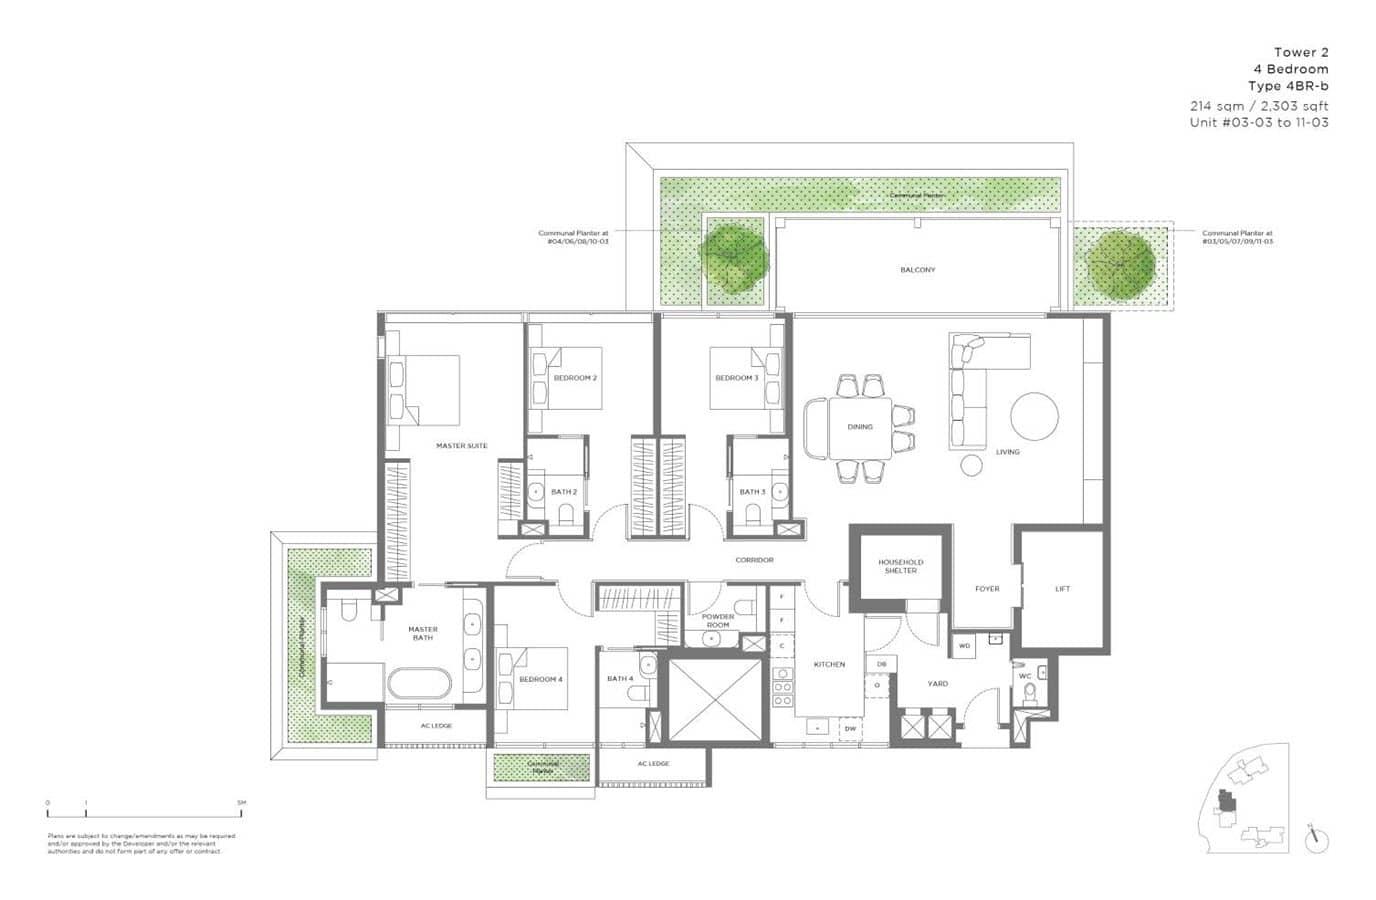 15 Holland Hill - Floor Plan - 4 Bedroom 4BR-b